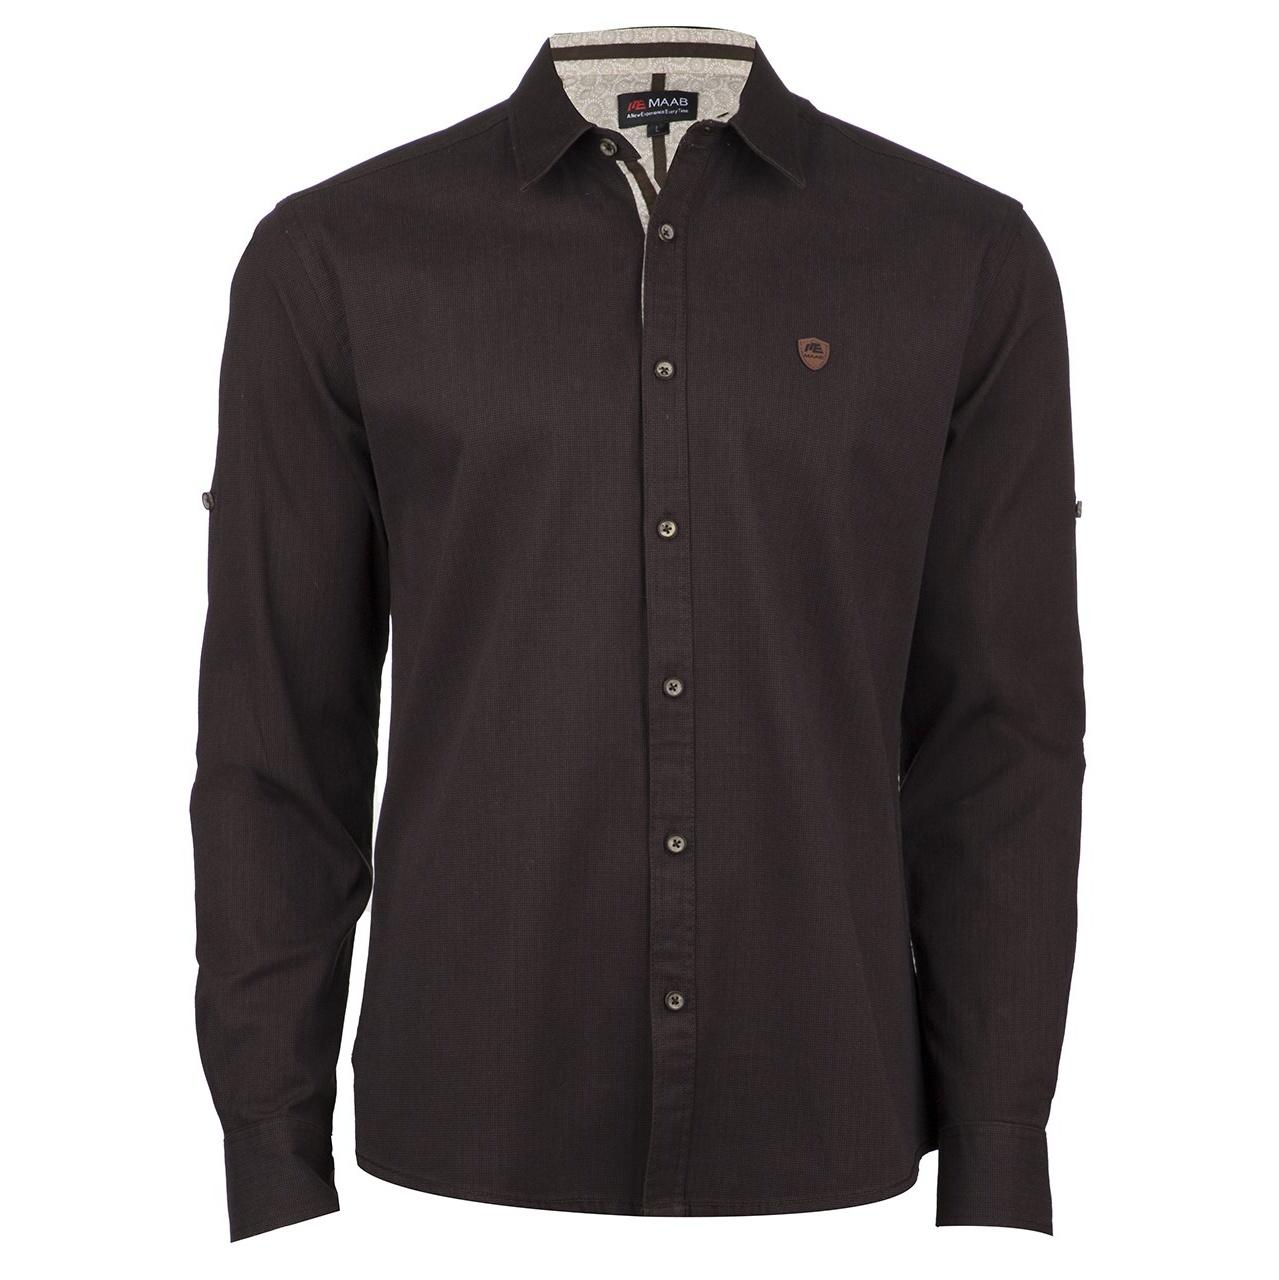 پیراهن آستین بلند مردانه ماب مدل 0024/06